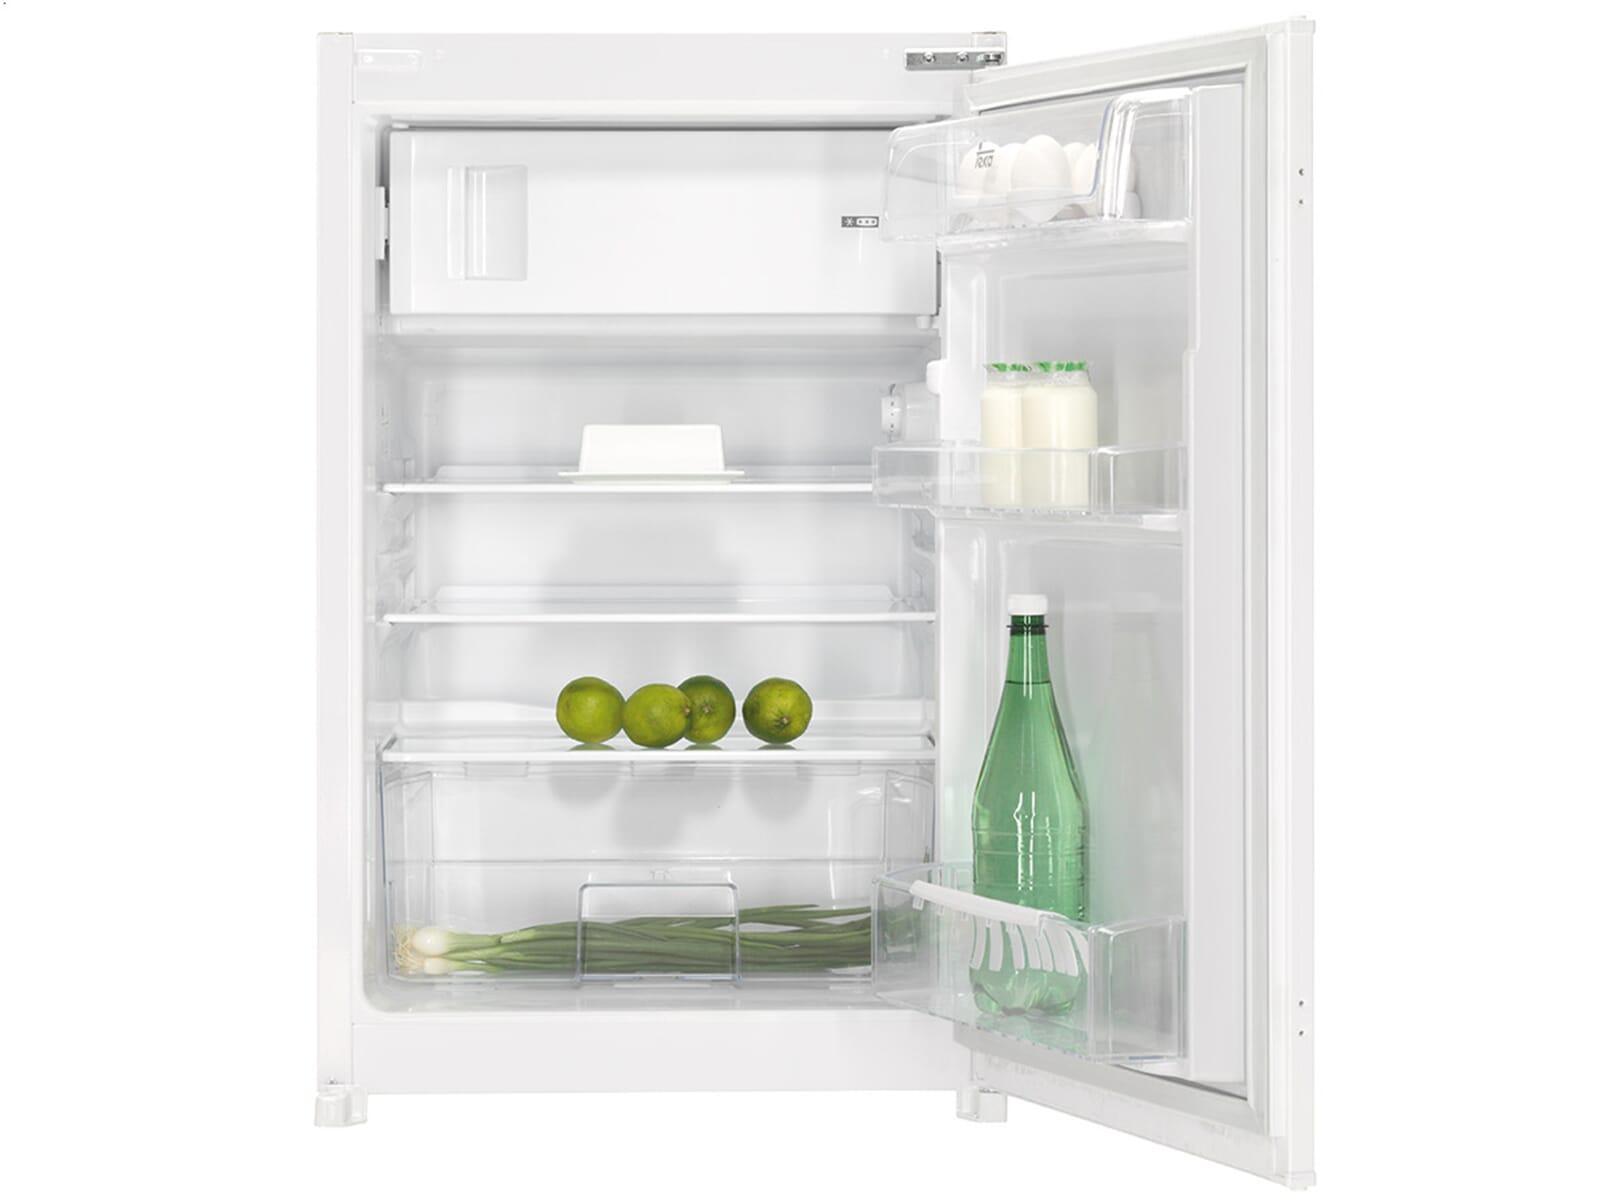 Teka TKI3 130 Einbaukühlschrank